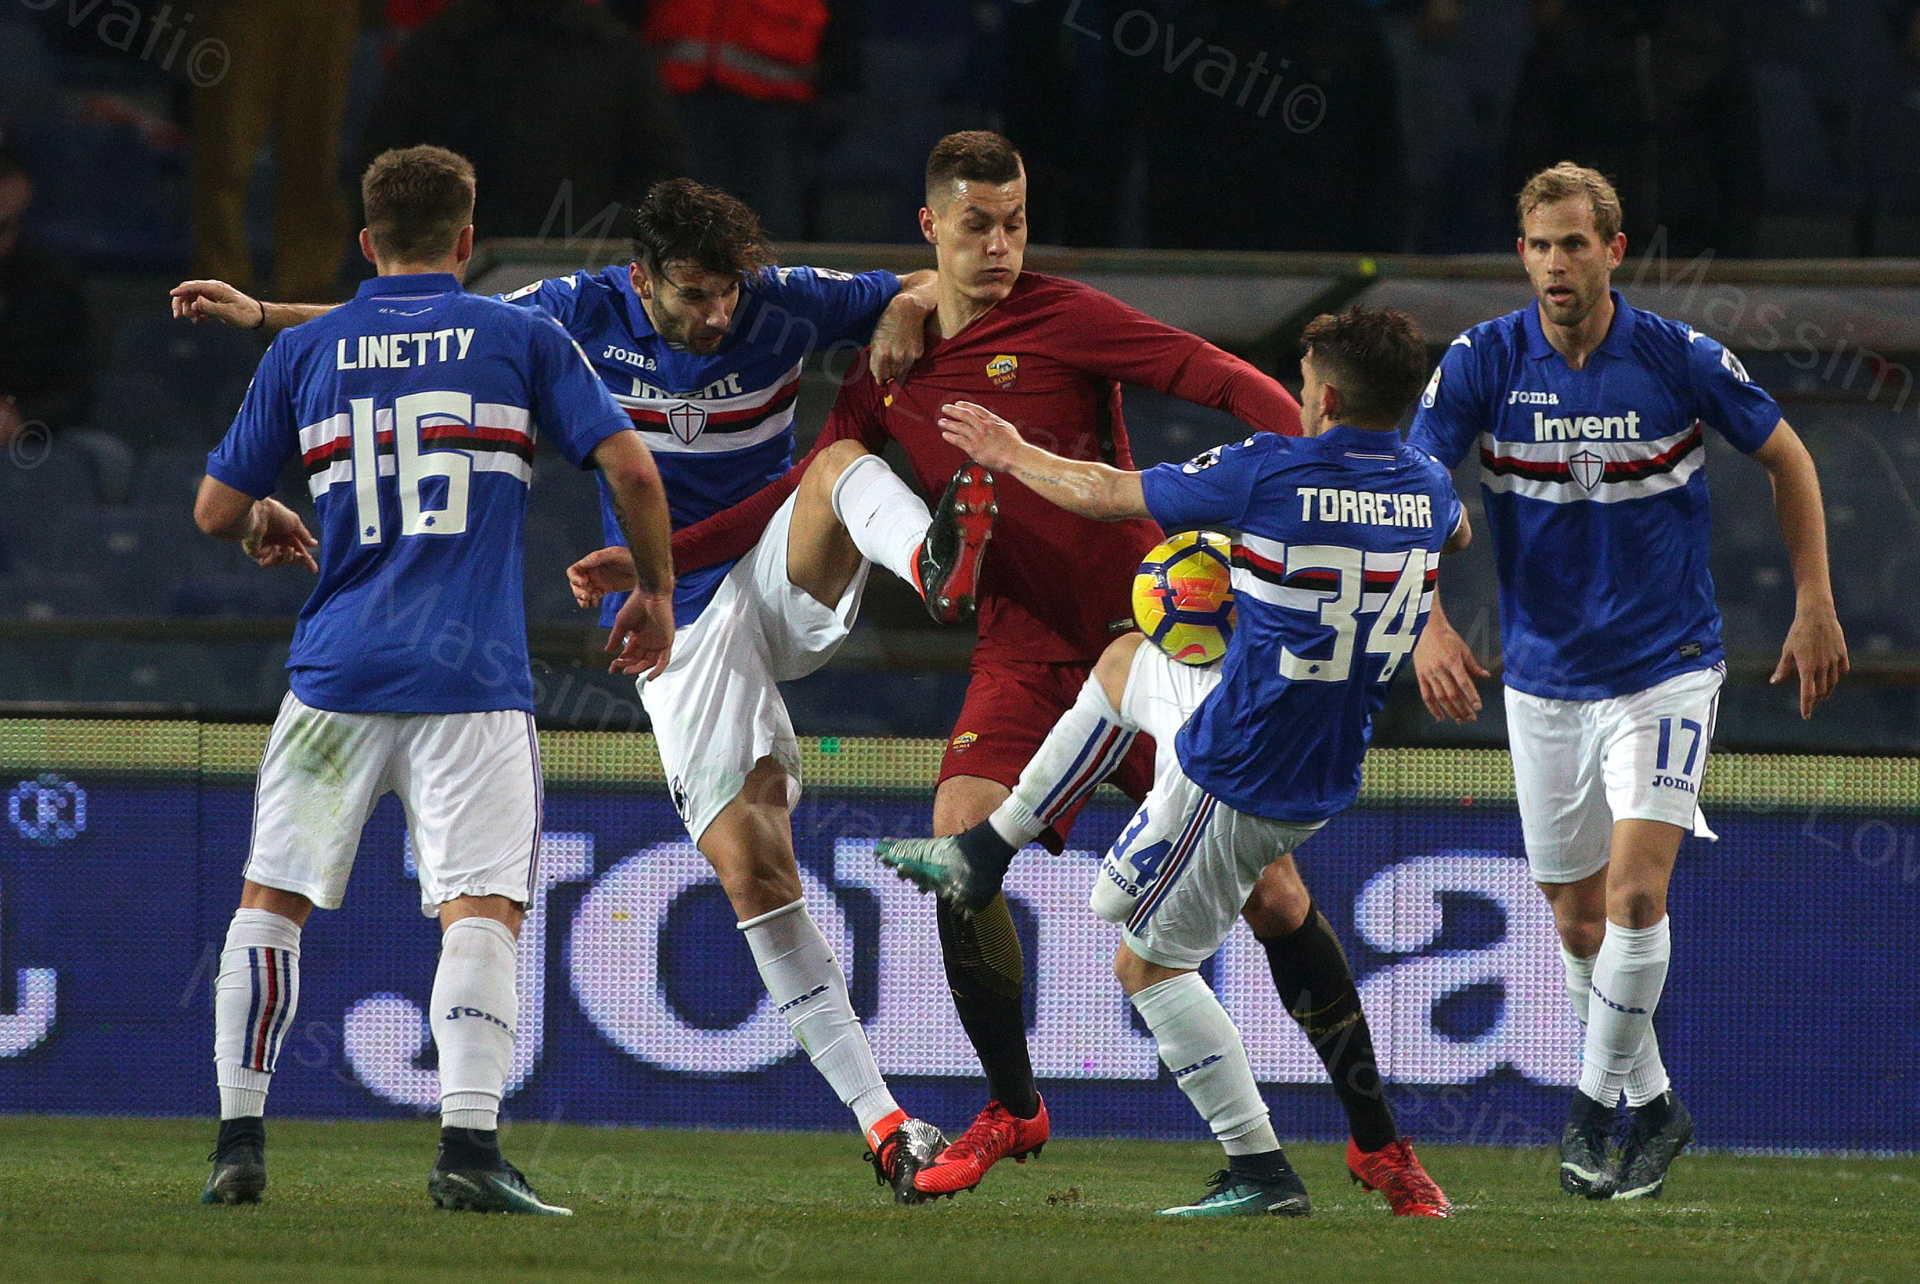 24/01/2018, Genova, Campionato di Calcio di Serie A, Sampdoria-Roma, nella foto Schick circondato